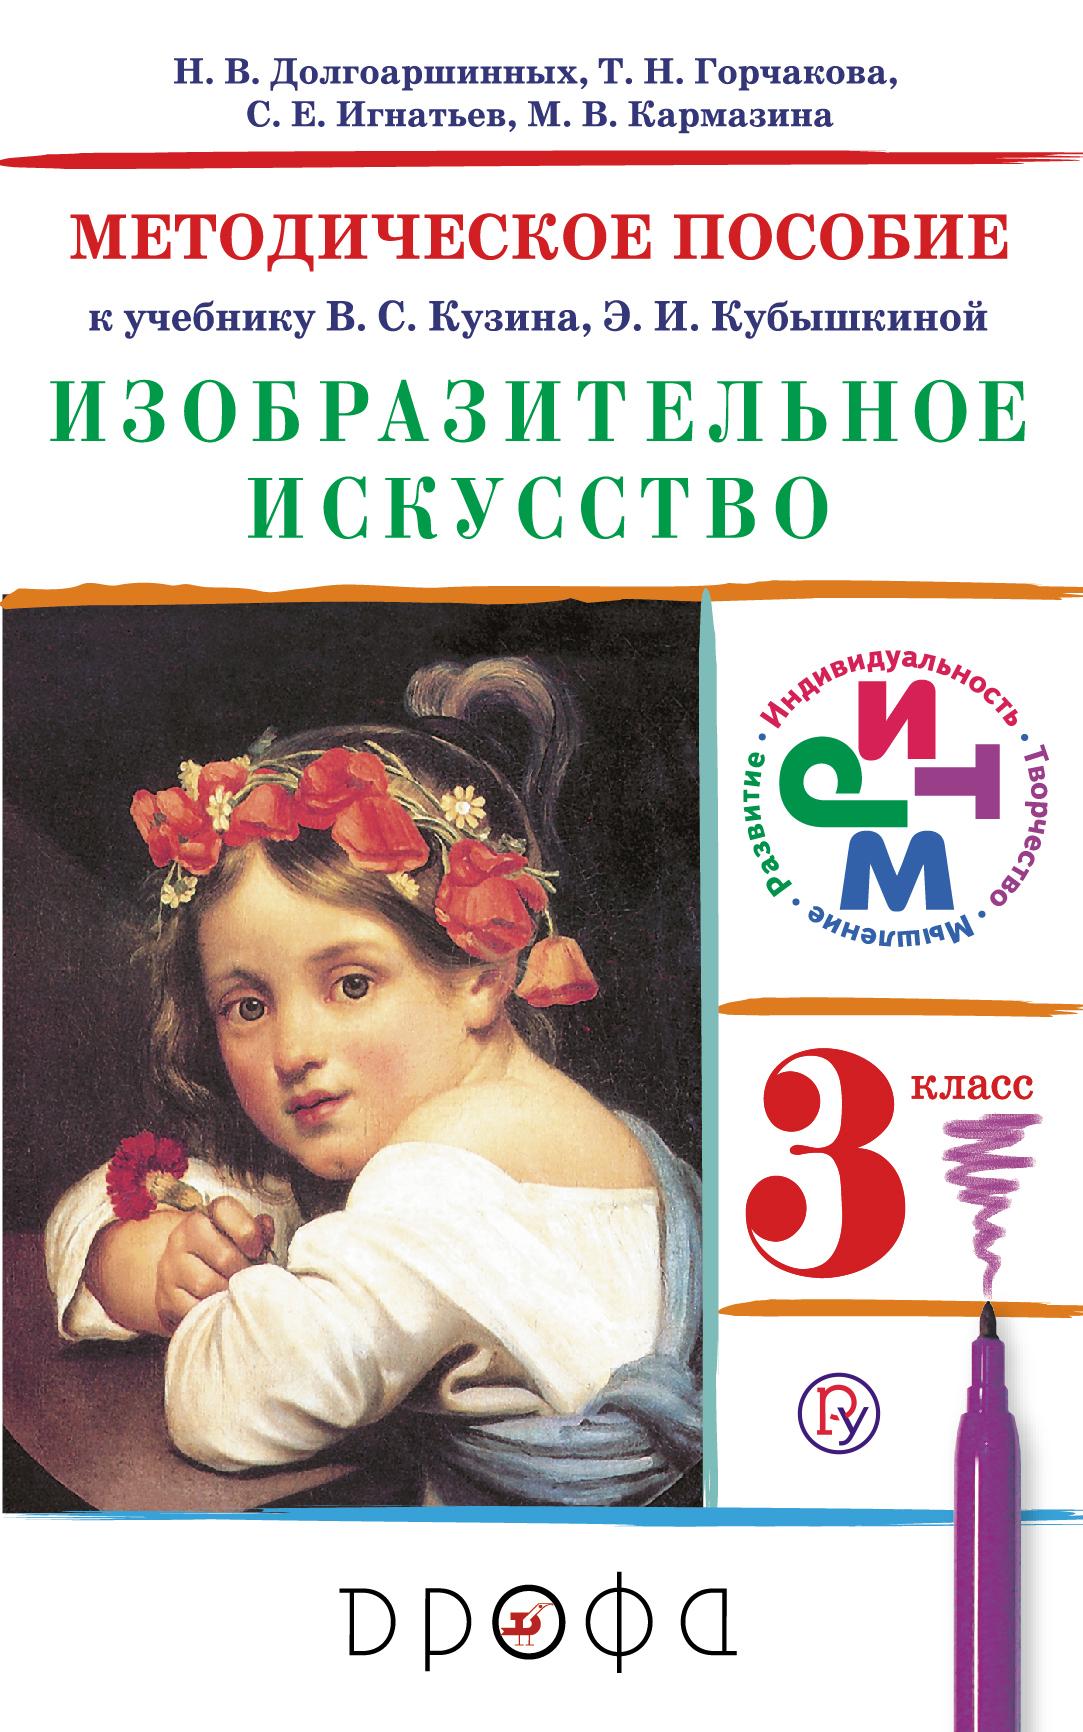 М. В. Кармазина. Методическое пособие к учебнику В. С. Кузина, Э. И. Кубышкиной «Изобразительное искусство. 3 класс»